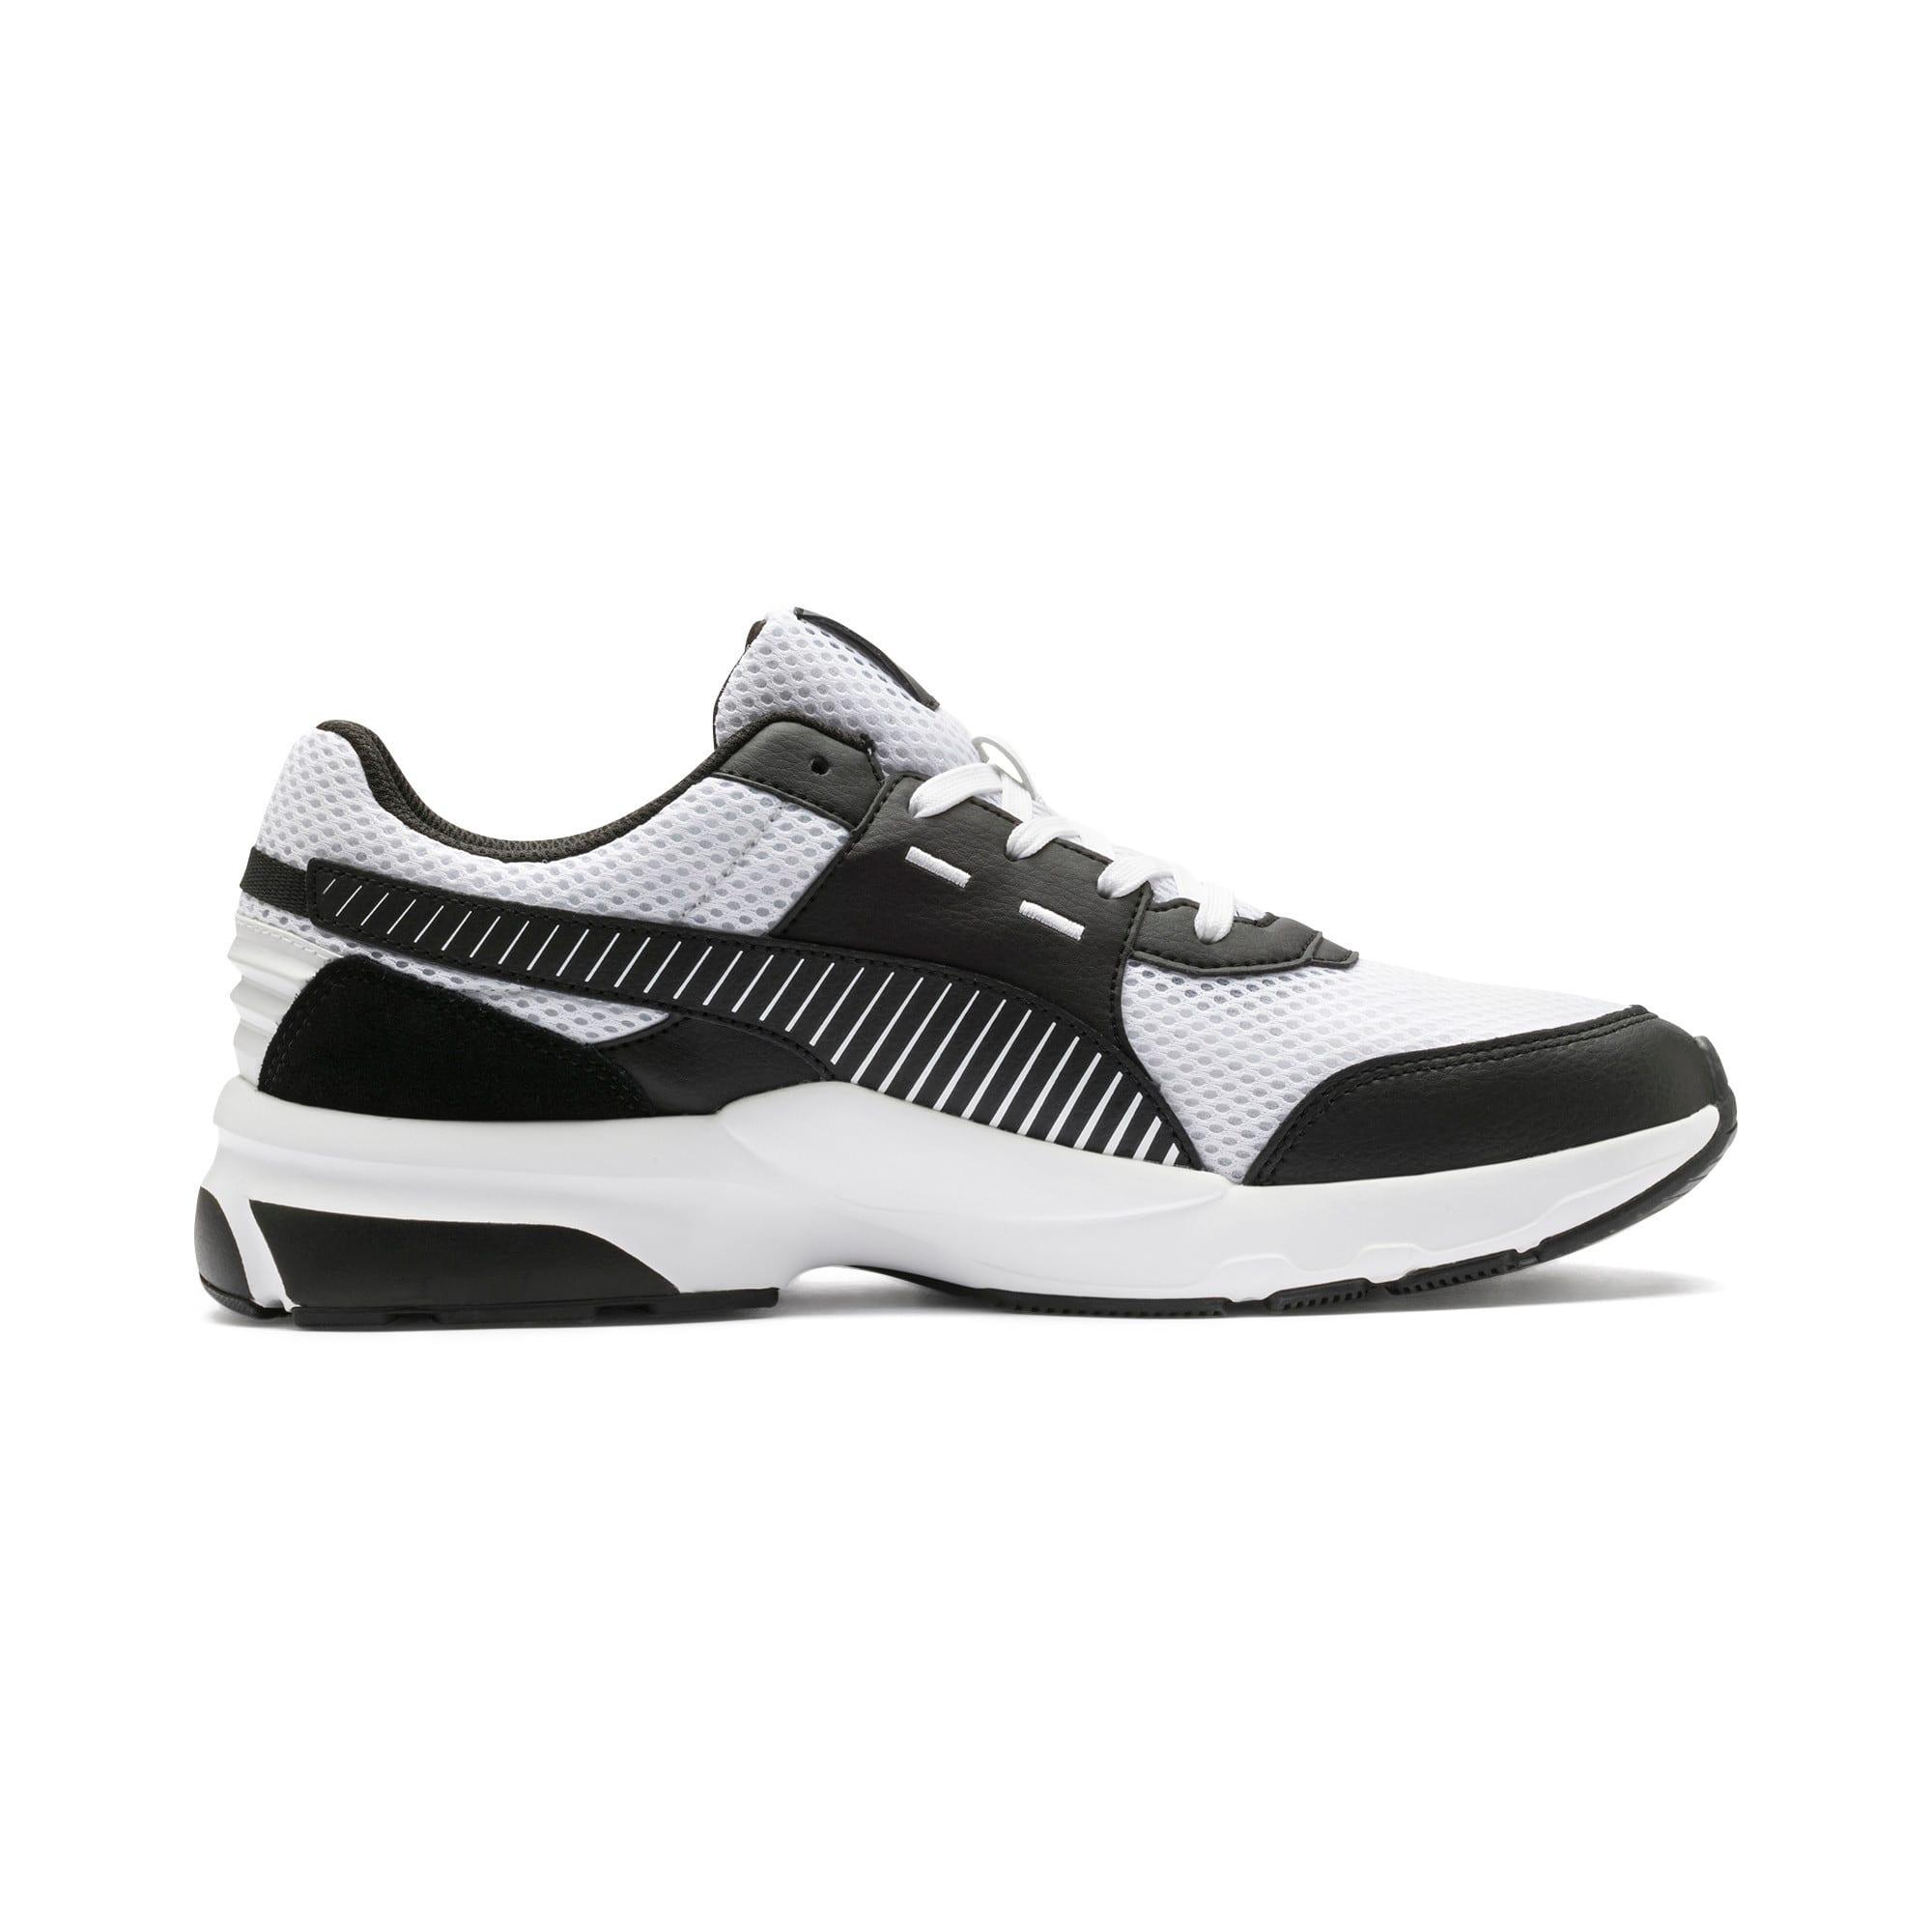 Thumbnail 7 of Future Runner Premium Running Shoes, Puma White-Puma Black, medium-IND